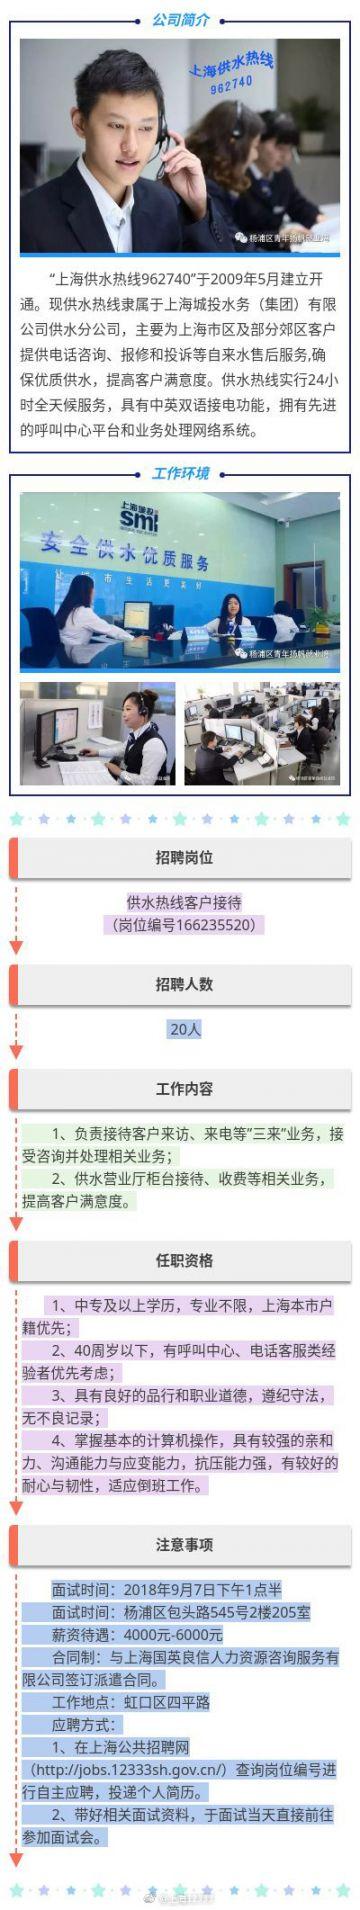 上海供水热线9月7日杨浦举行专场招聘会